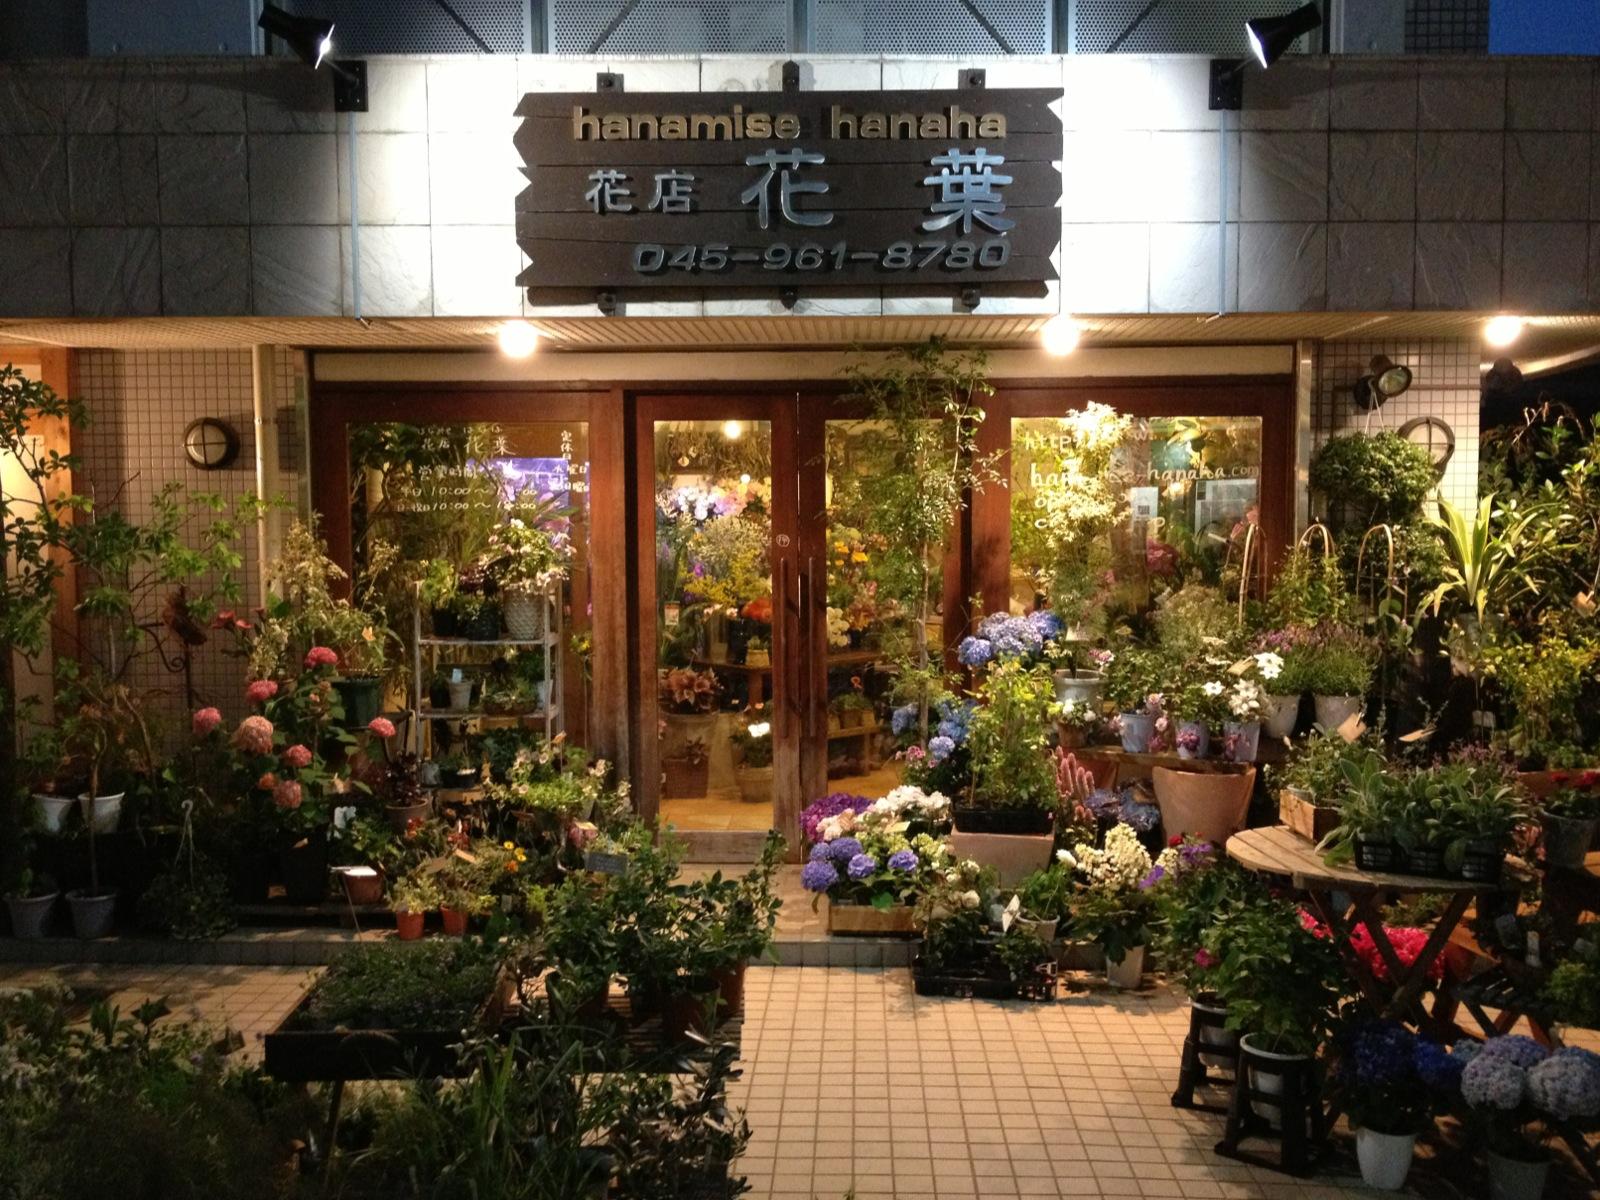 「花店 花葉(神奈川県横浜市青葉区奈良1-14-8)」の画像検索結果